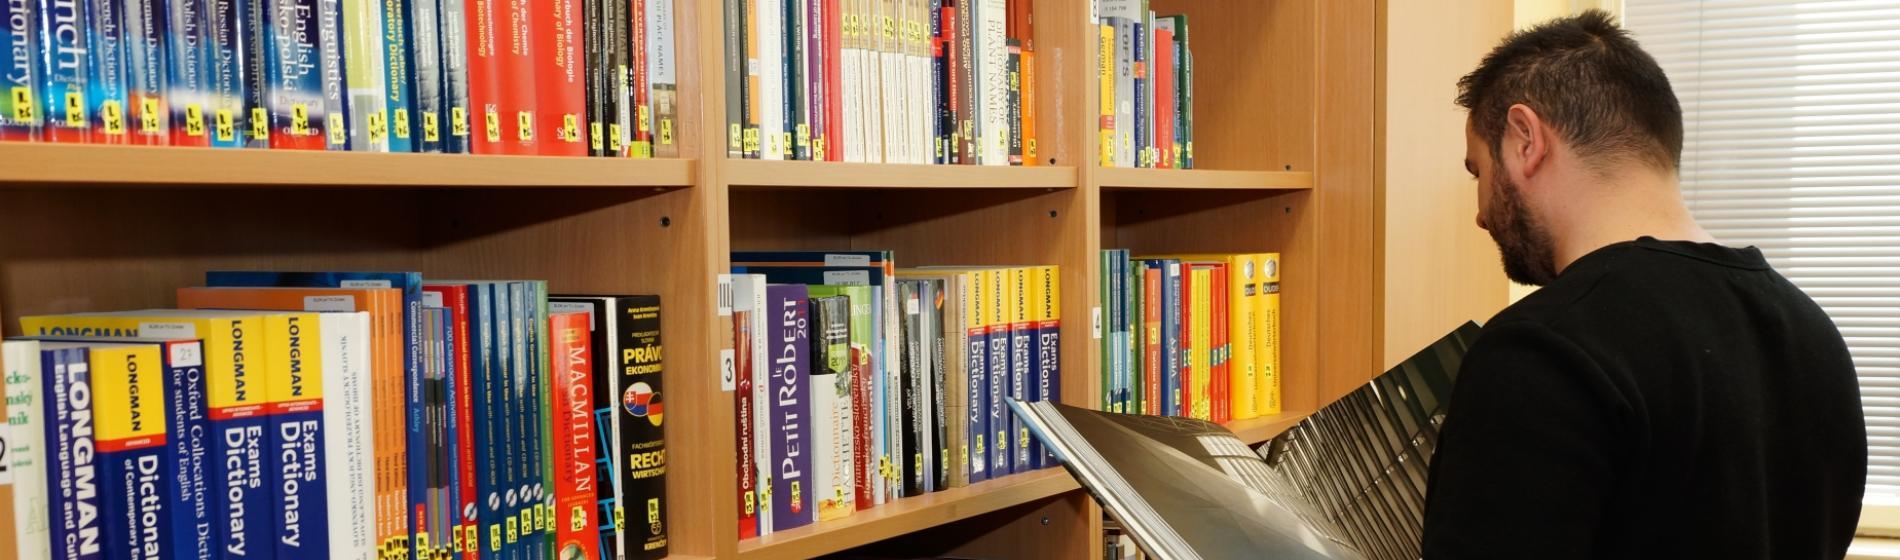 Slovenská lesnícka a drevárska knižnica | Slovenská lesnícka